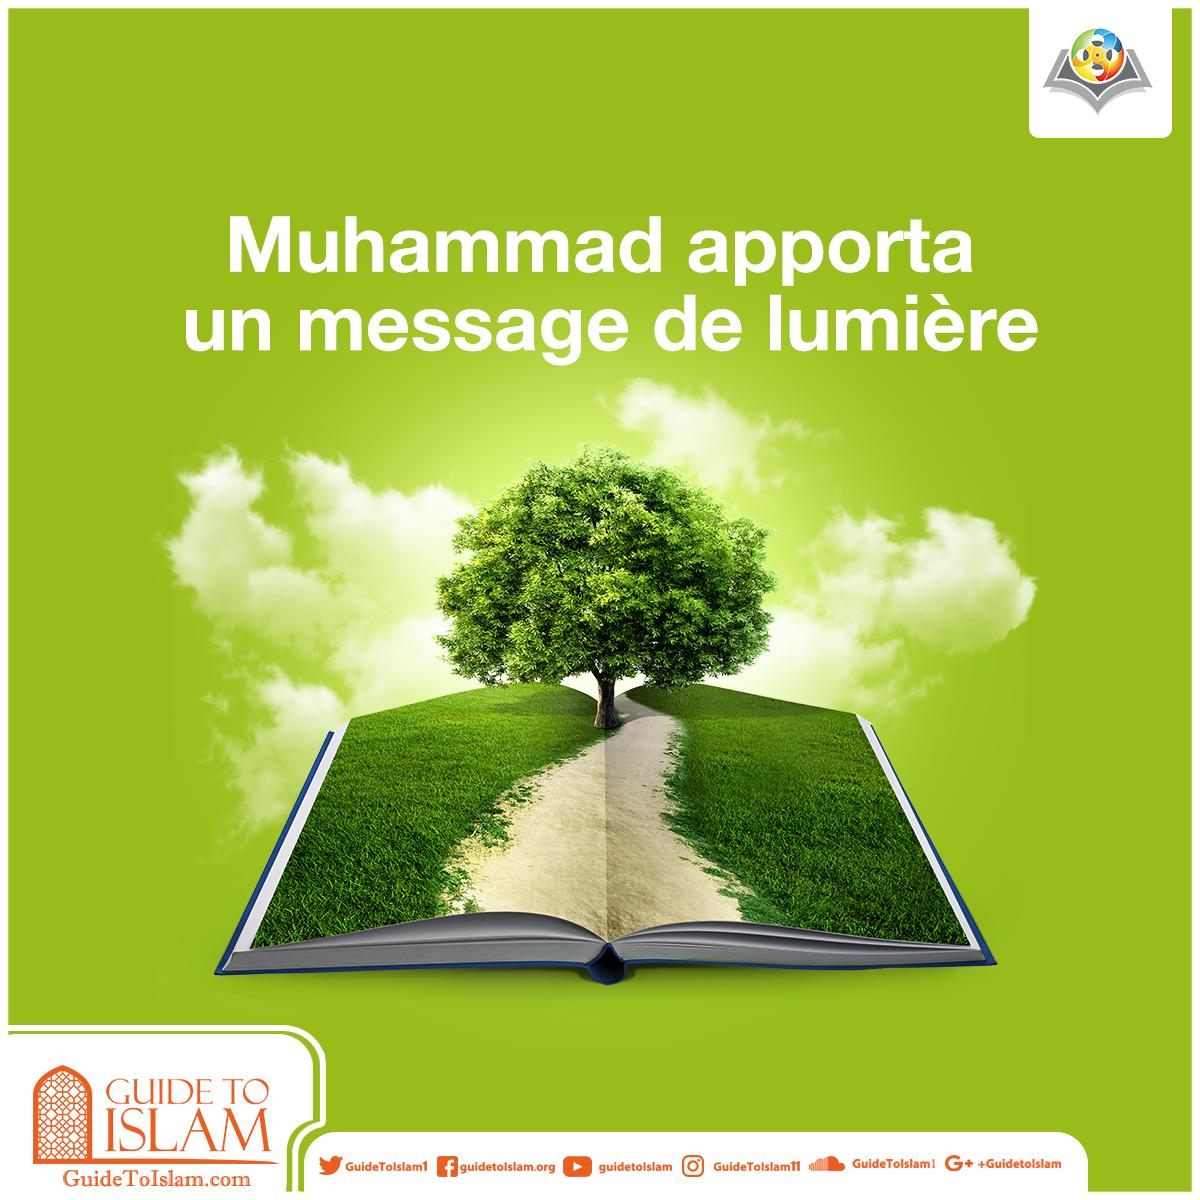 Muhammad apporta un message de lumière